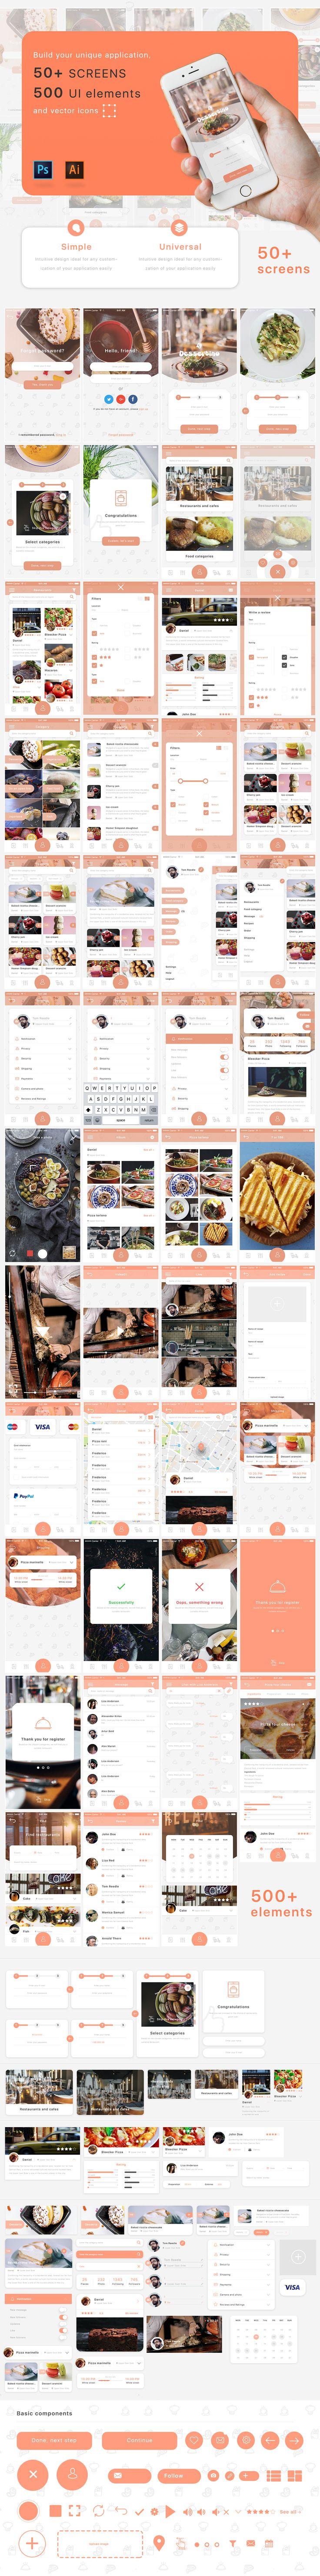 Mobile App UI kit on Behance